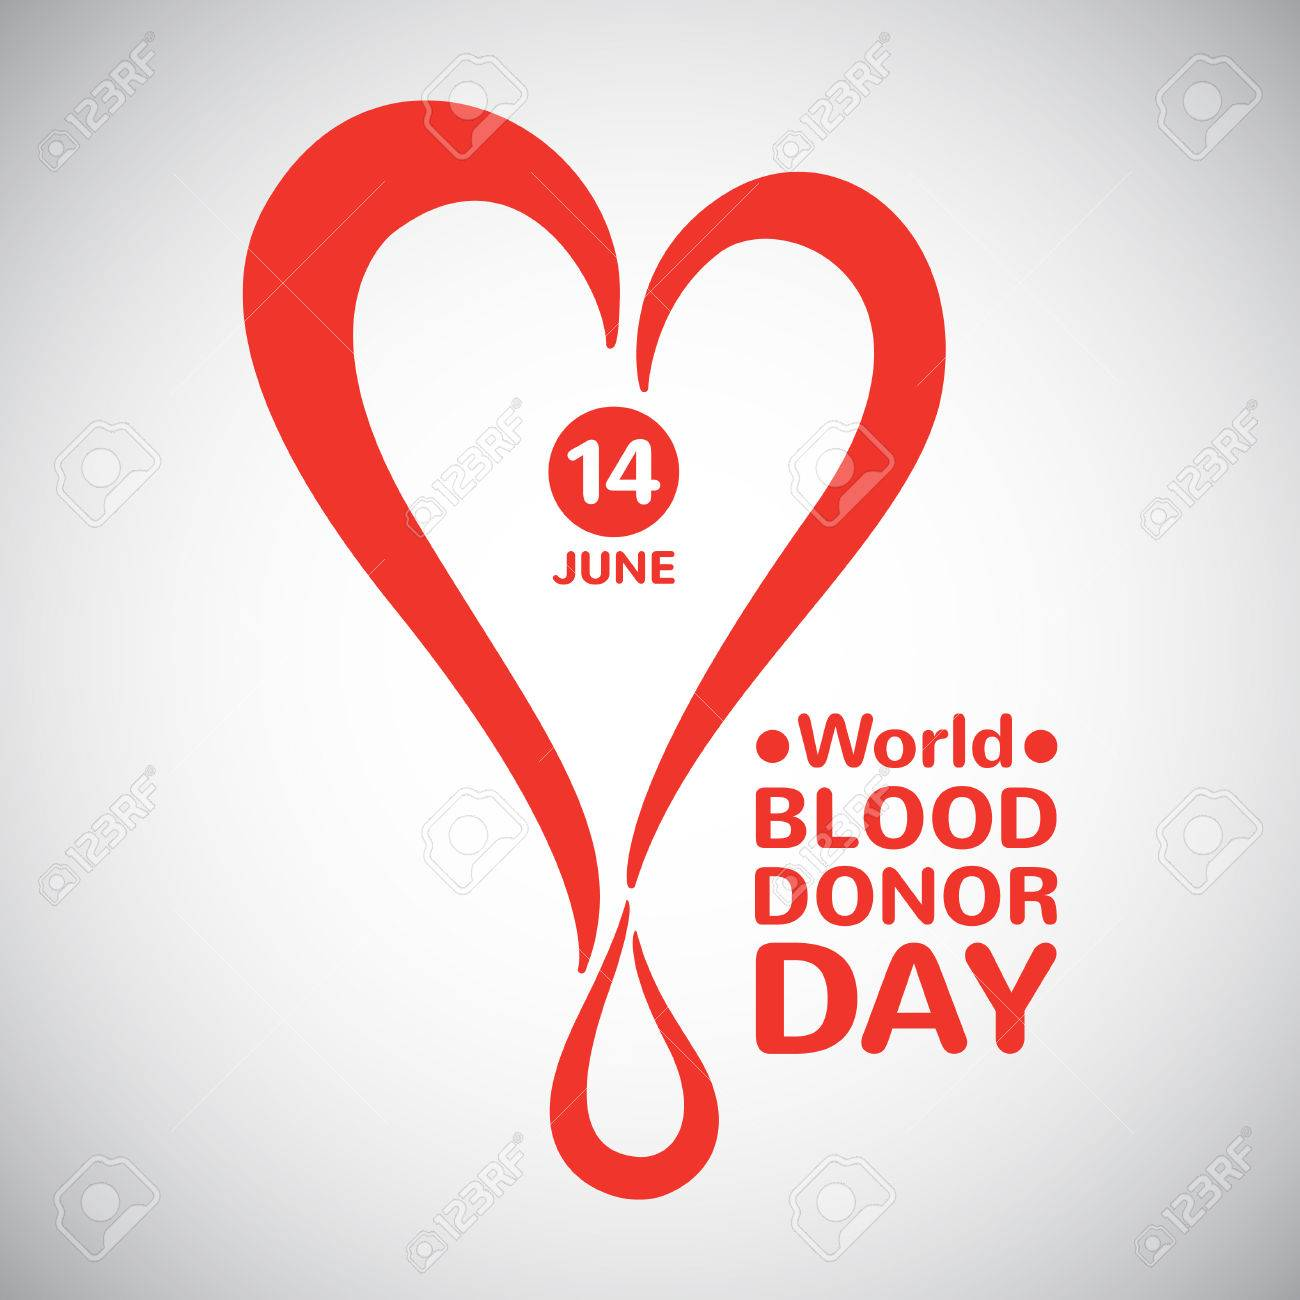 World blood donor day illustration stylized heart with drop world blood donor day illustration stylized heart with drop date and typographic composition blood buycottarizona